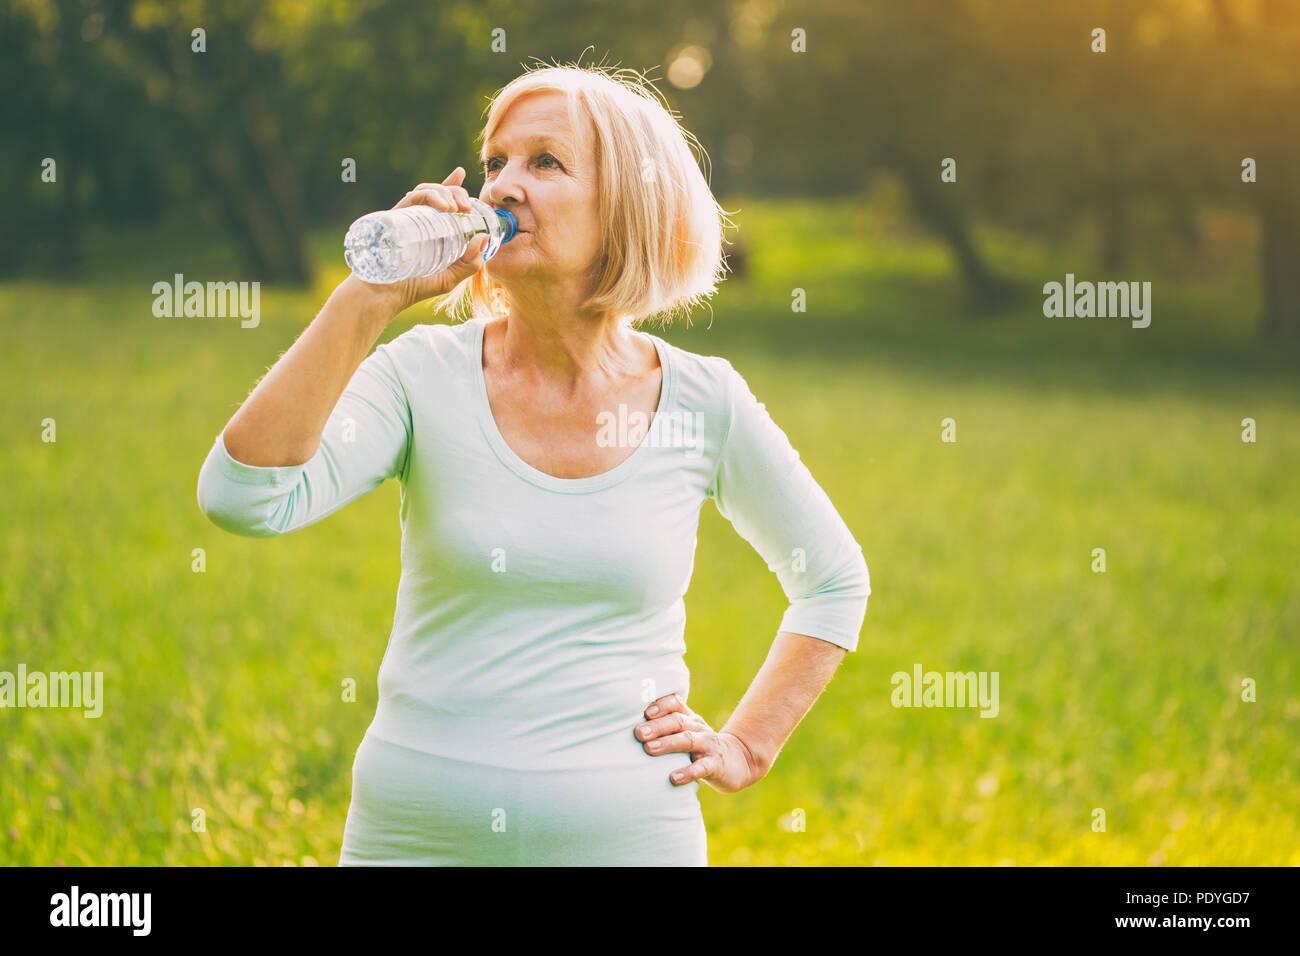 Altos funcionarios de la mujer agua potable durante el ejercicio.Imagen es intencionalmente tonificado. Imagen De Stock